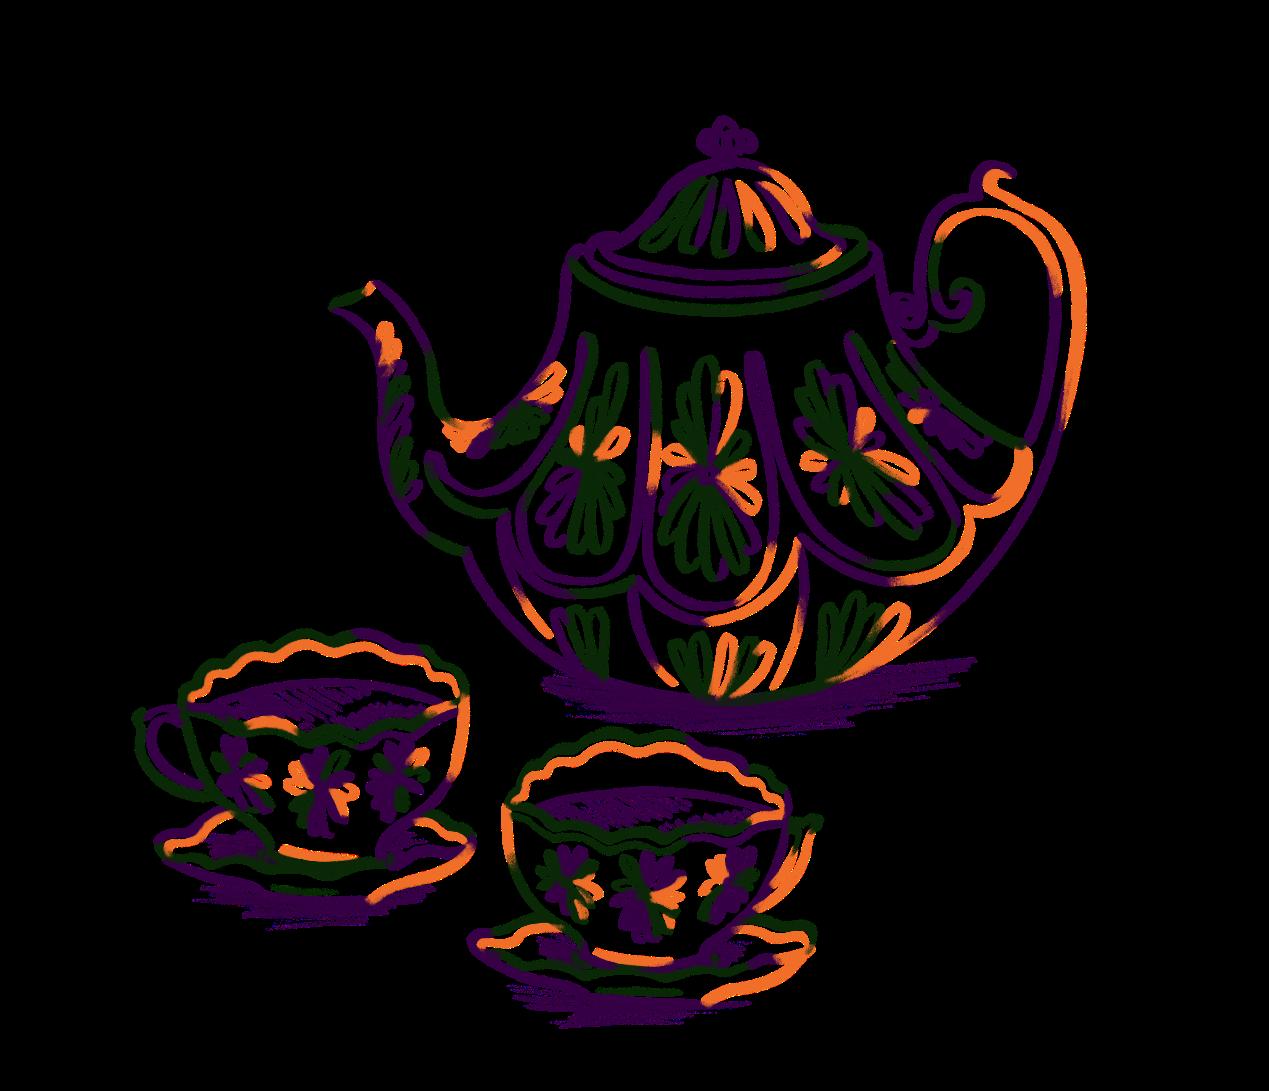 Teapot by dangerlam for Dr Jason Fox